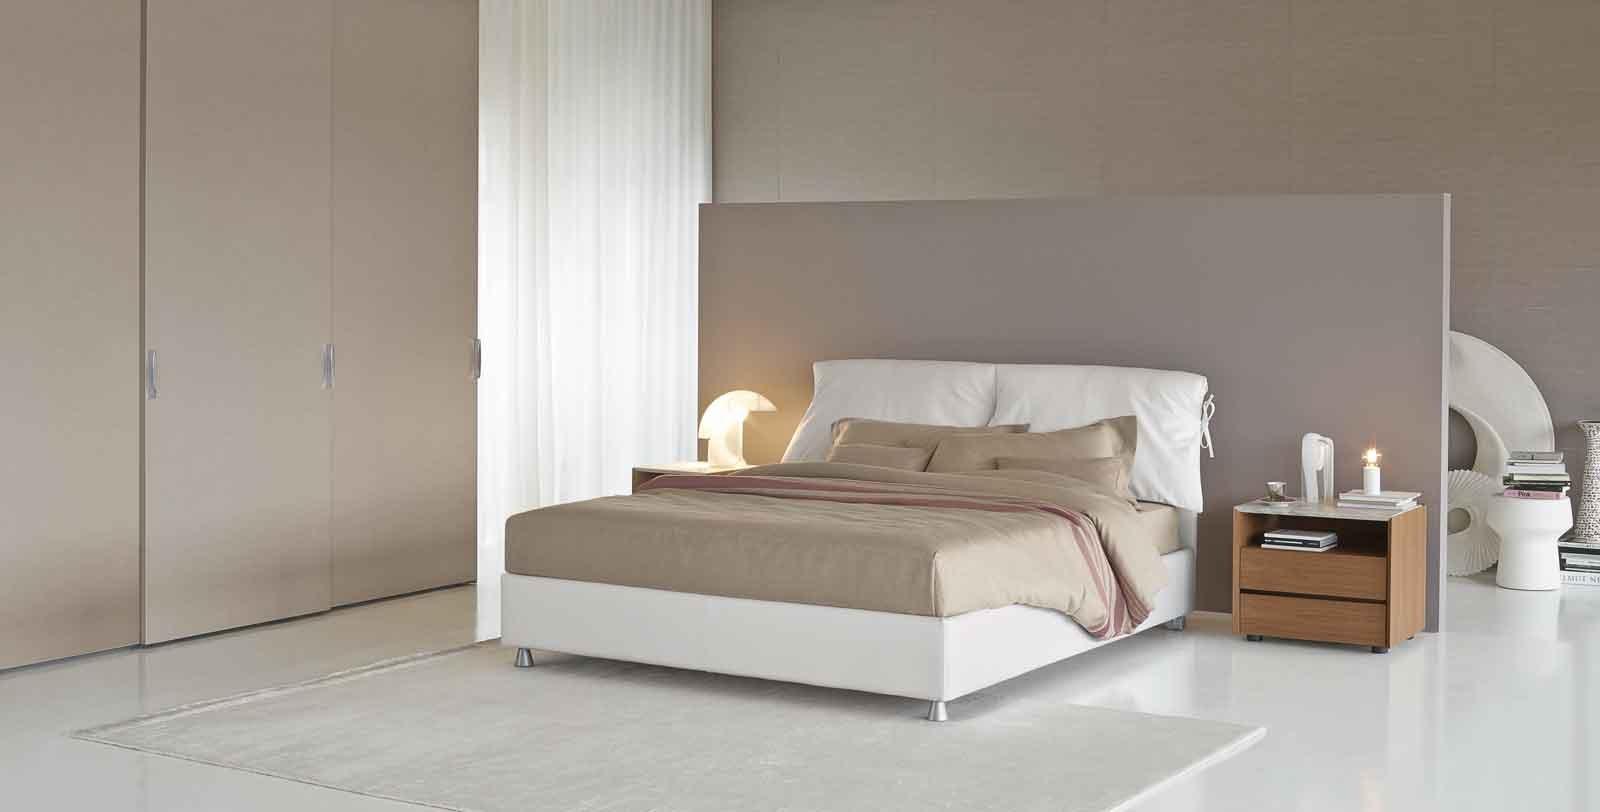 Dormire bene letto materasso e biancheria cose di casa - Letto nathalie flou prezzo ...